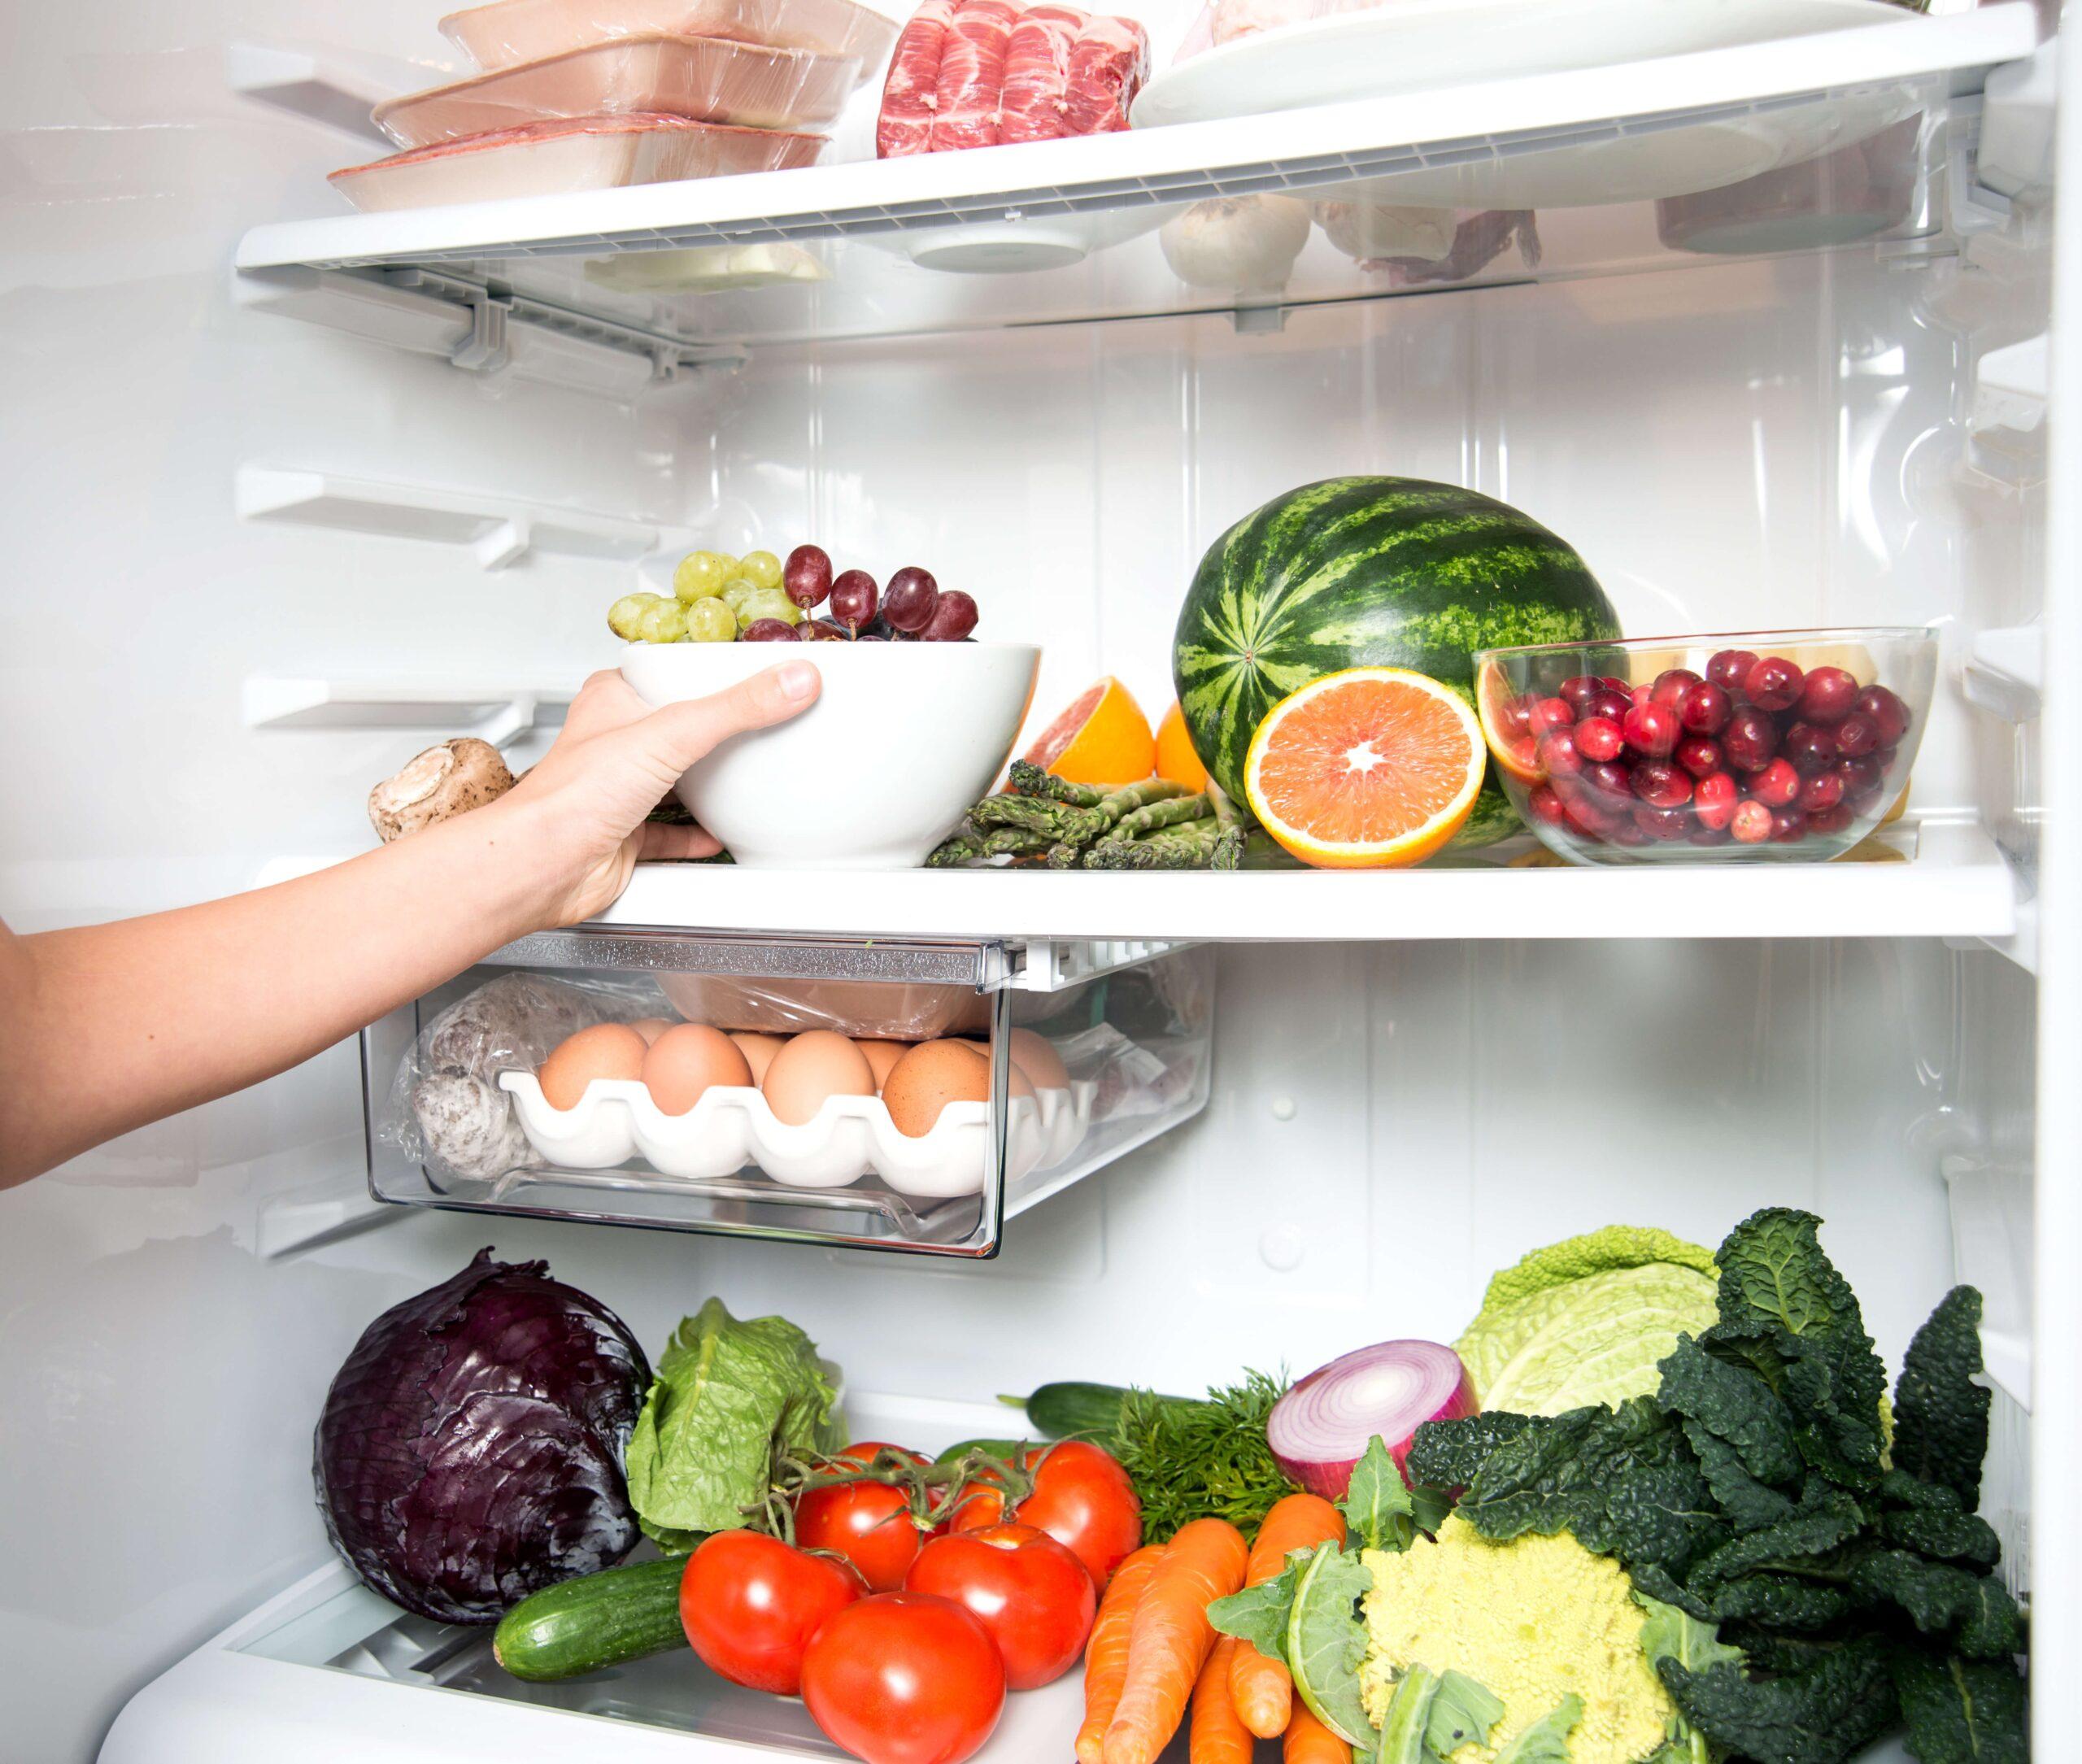 хранение яиц с овощами